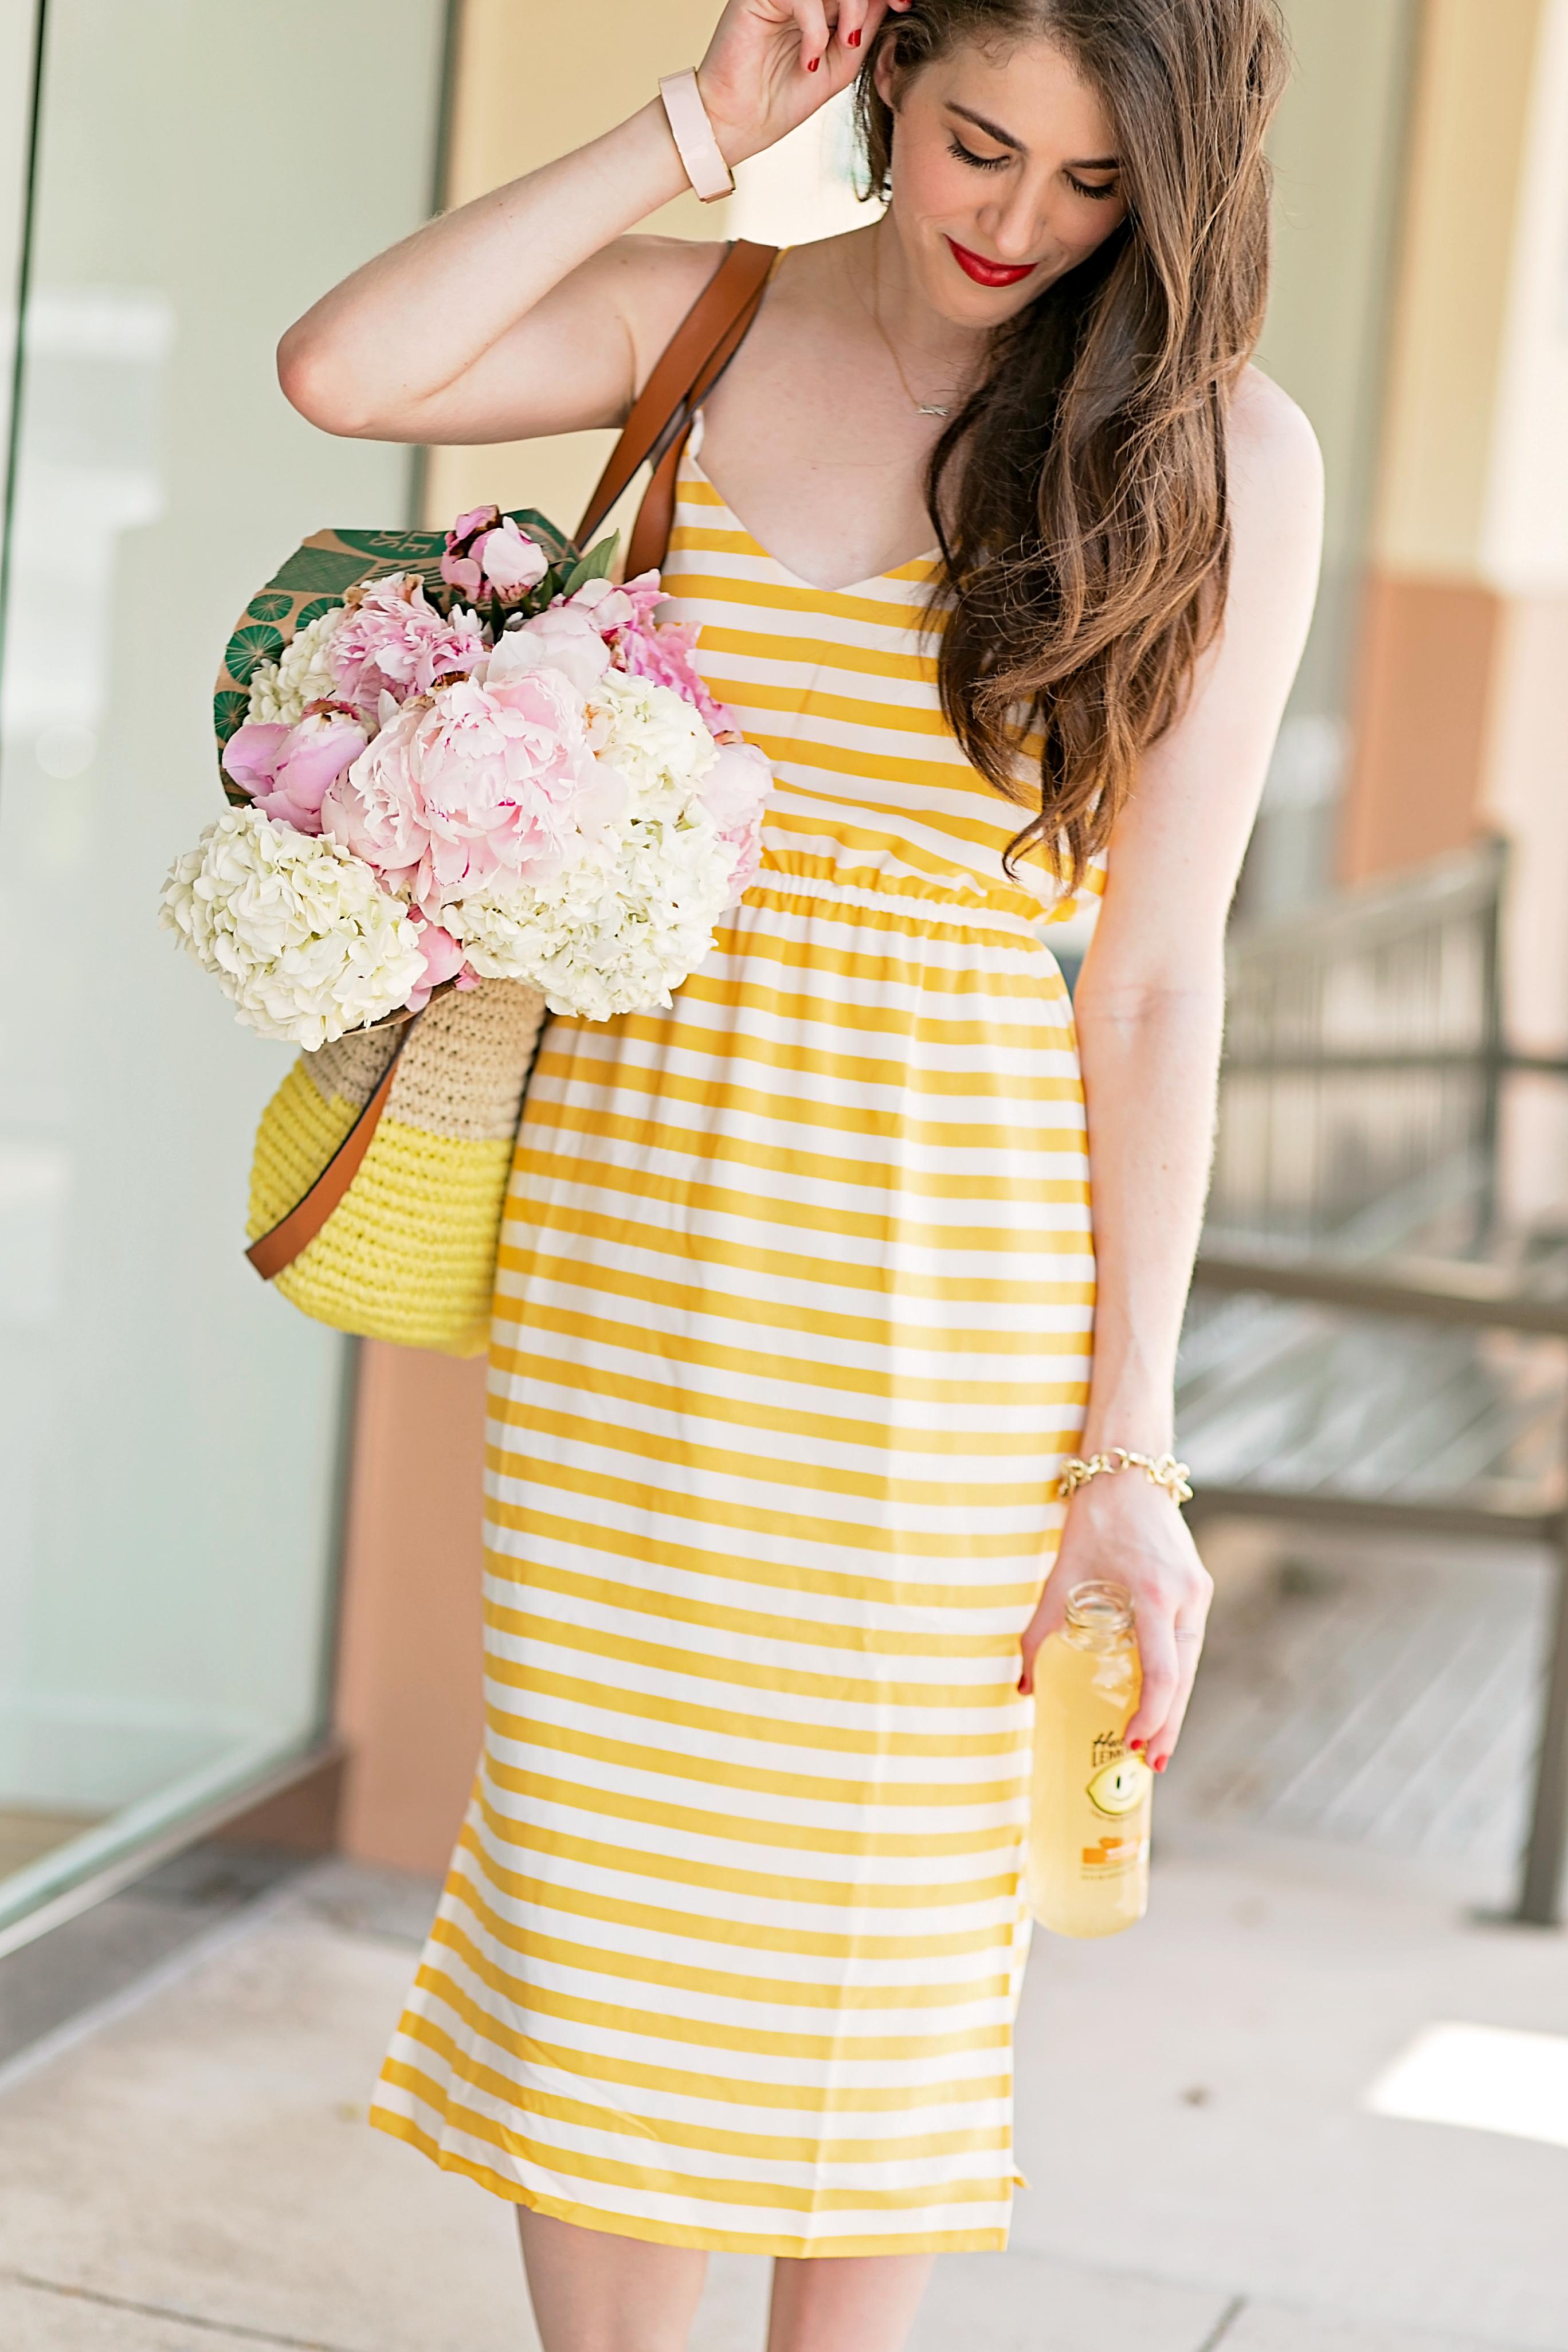 c7d1187c4333 Summer Stripes | Brooke du jour